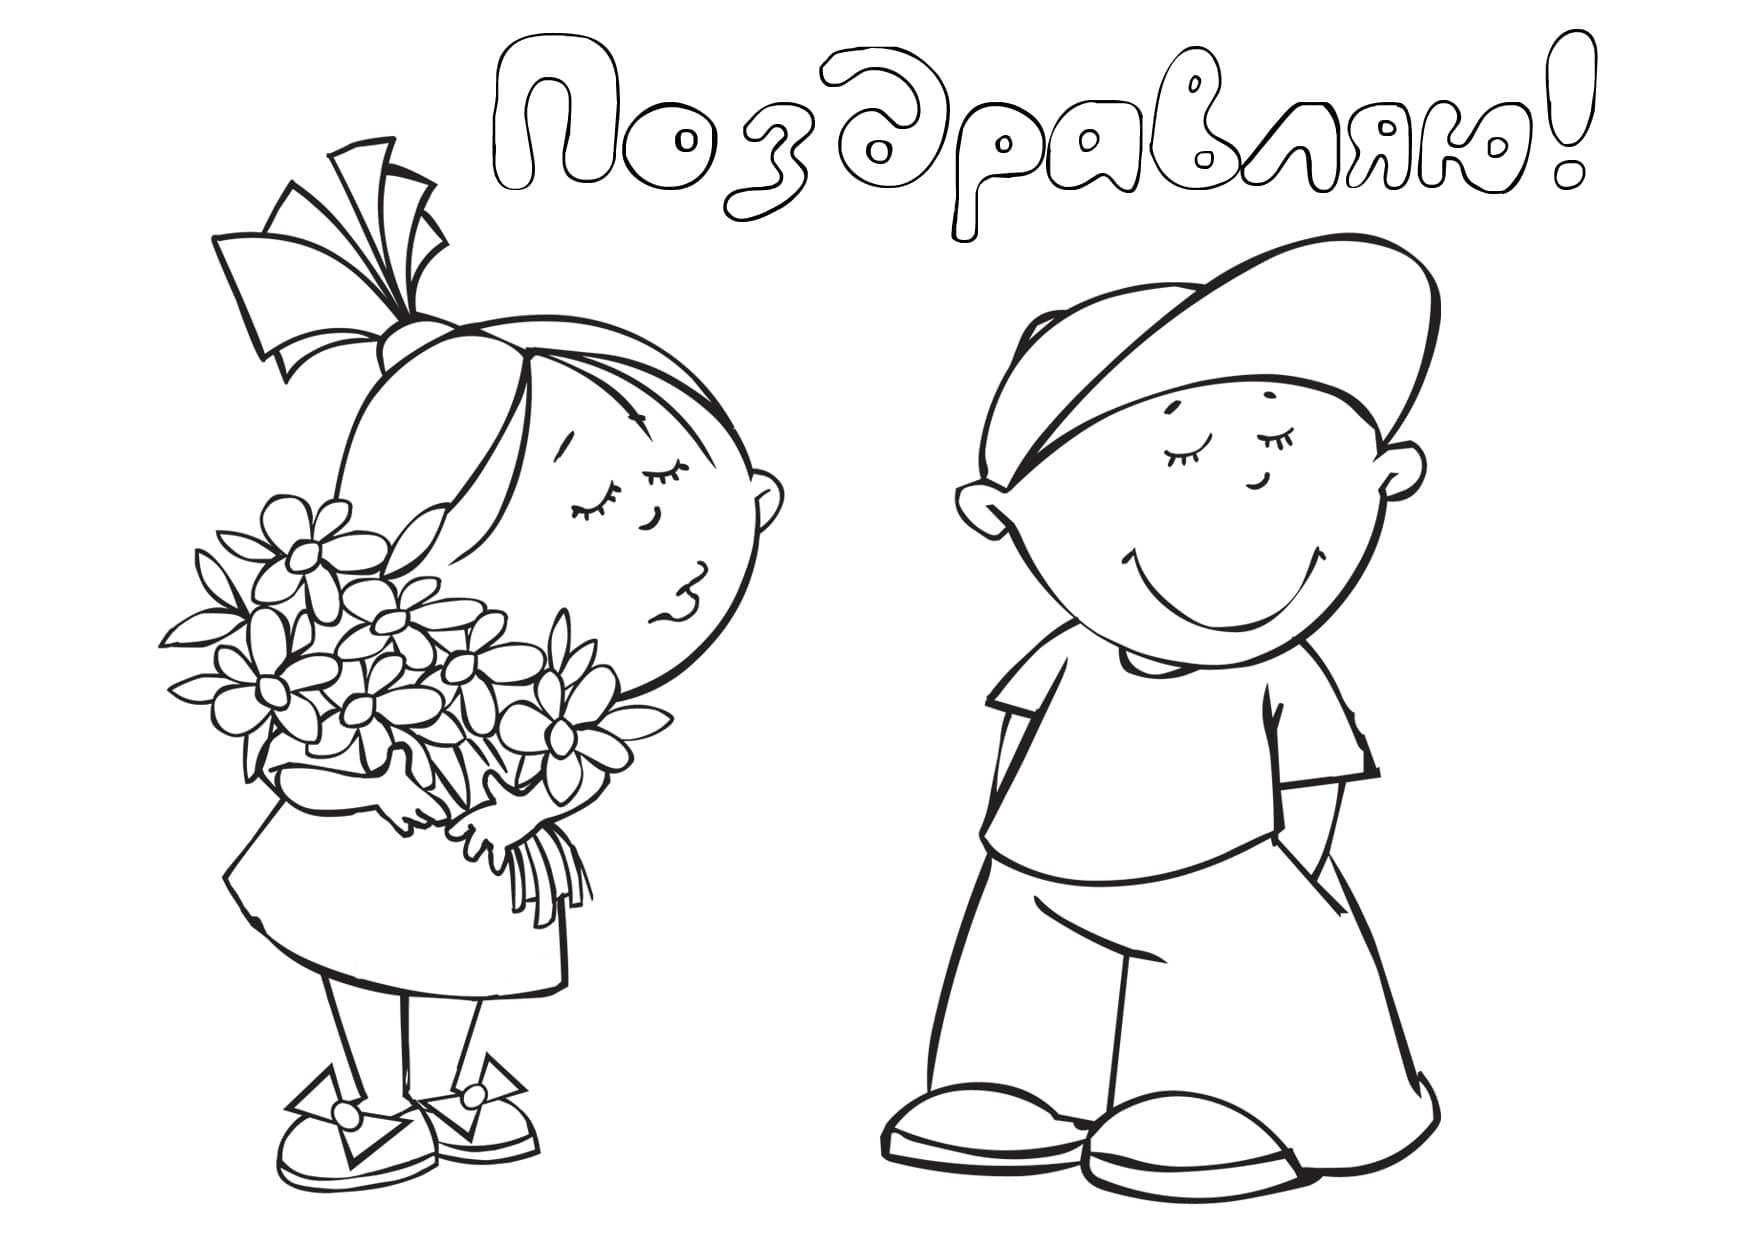 Открытки распечатать на 23 февраля, рисунки карандашом